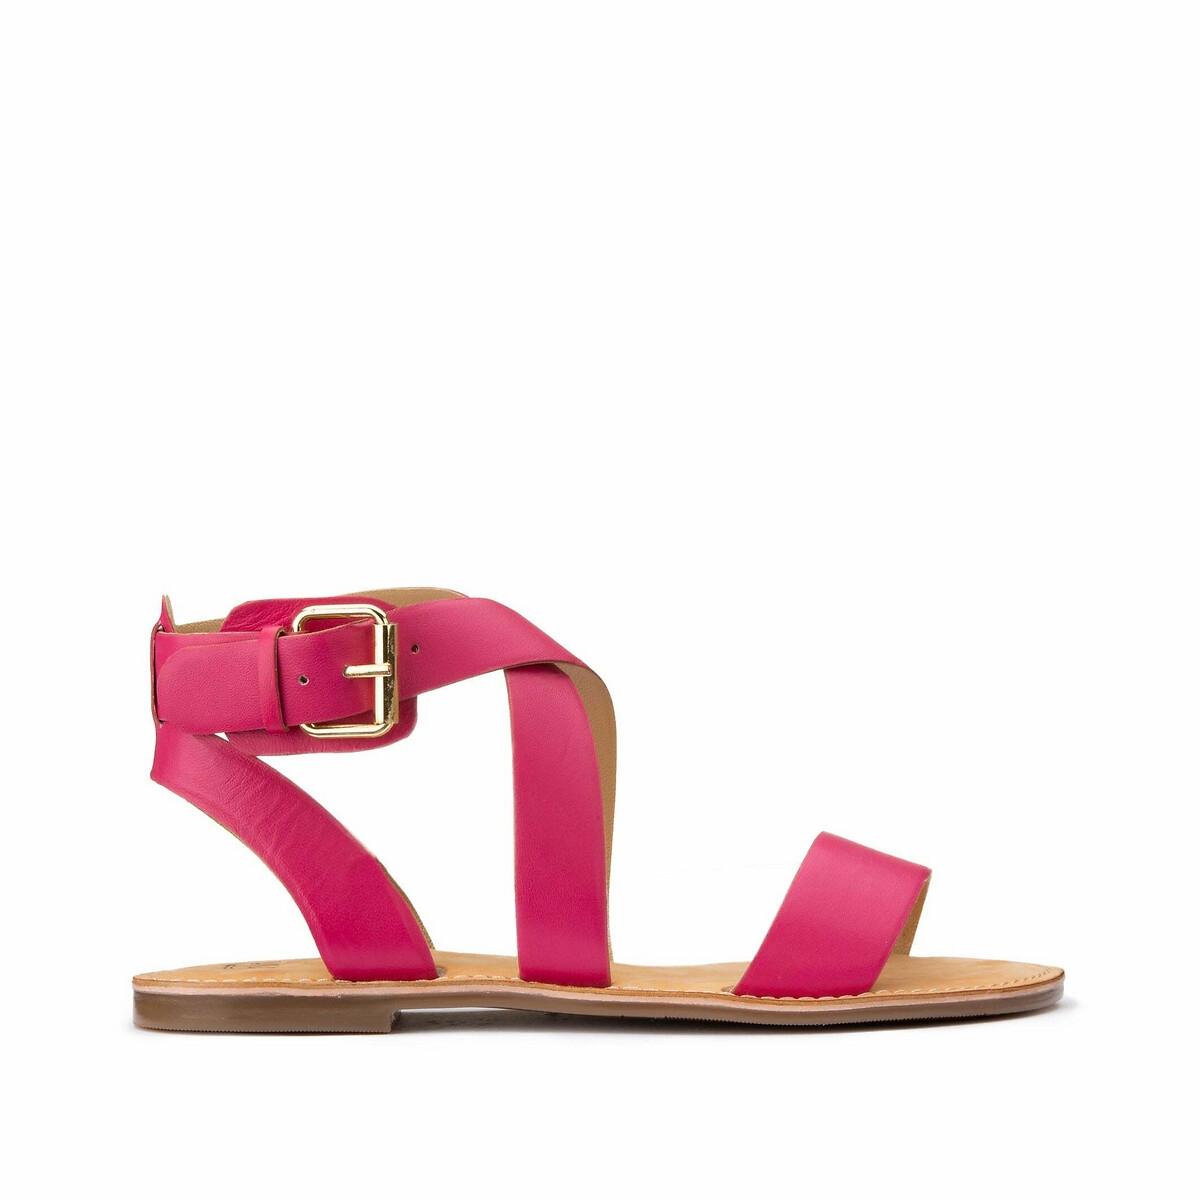 цена на Сандалии La Redoute С перекрещенными ремешками из кожи на плоском каблуке для широкой стопы 45 розовый